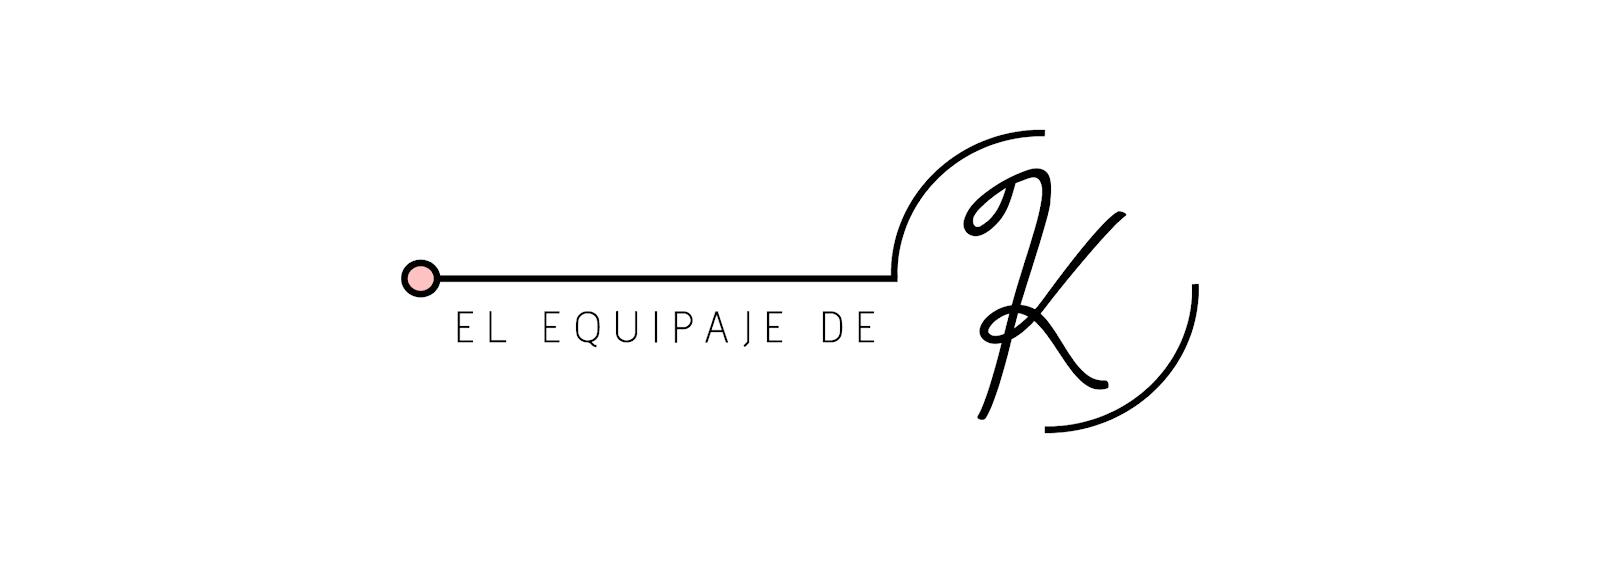 El Equipaje de K